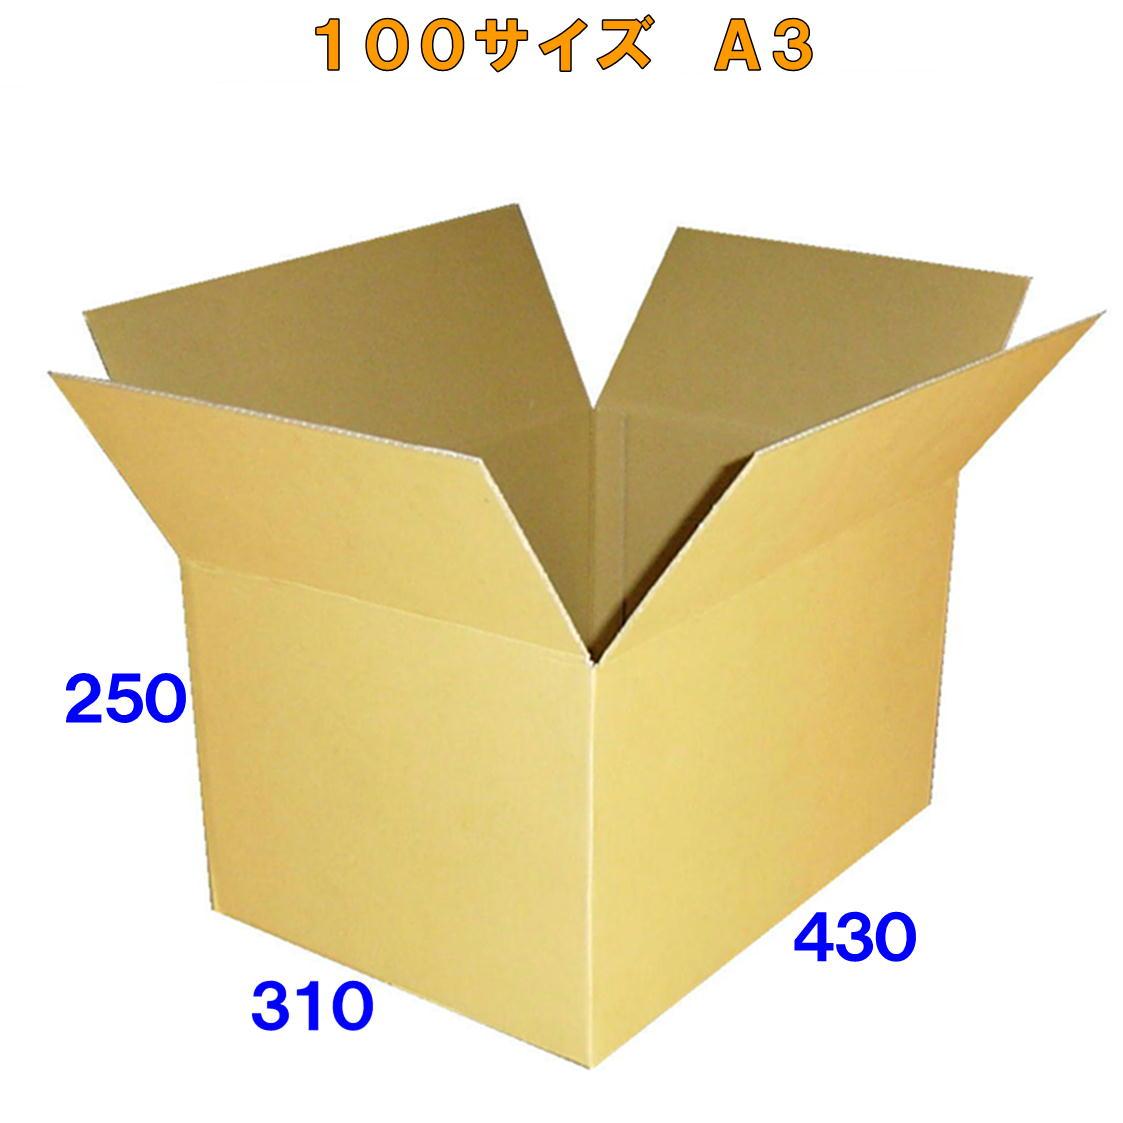 【送料無料】100サイズダンボール 箱 A3 50枚便利線入り